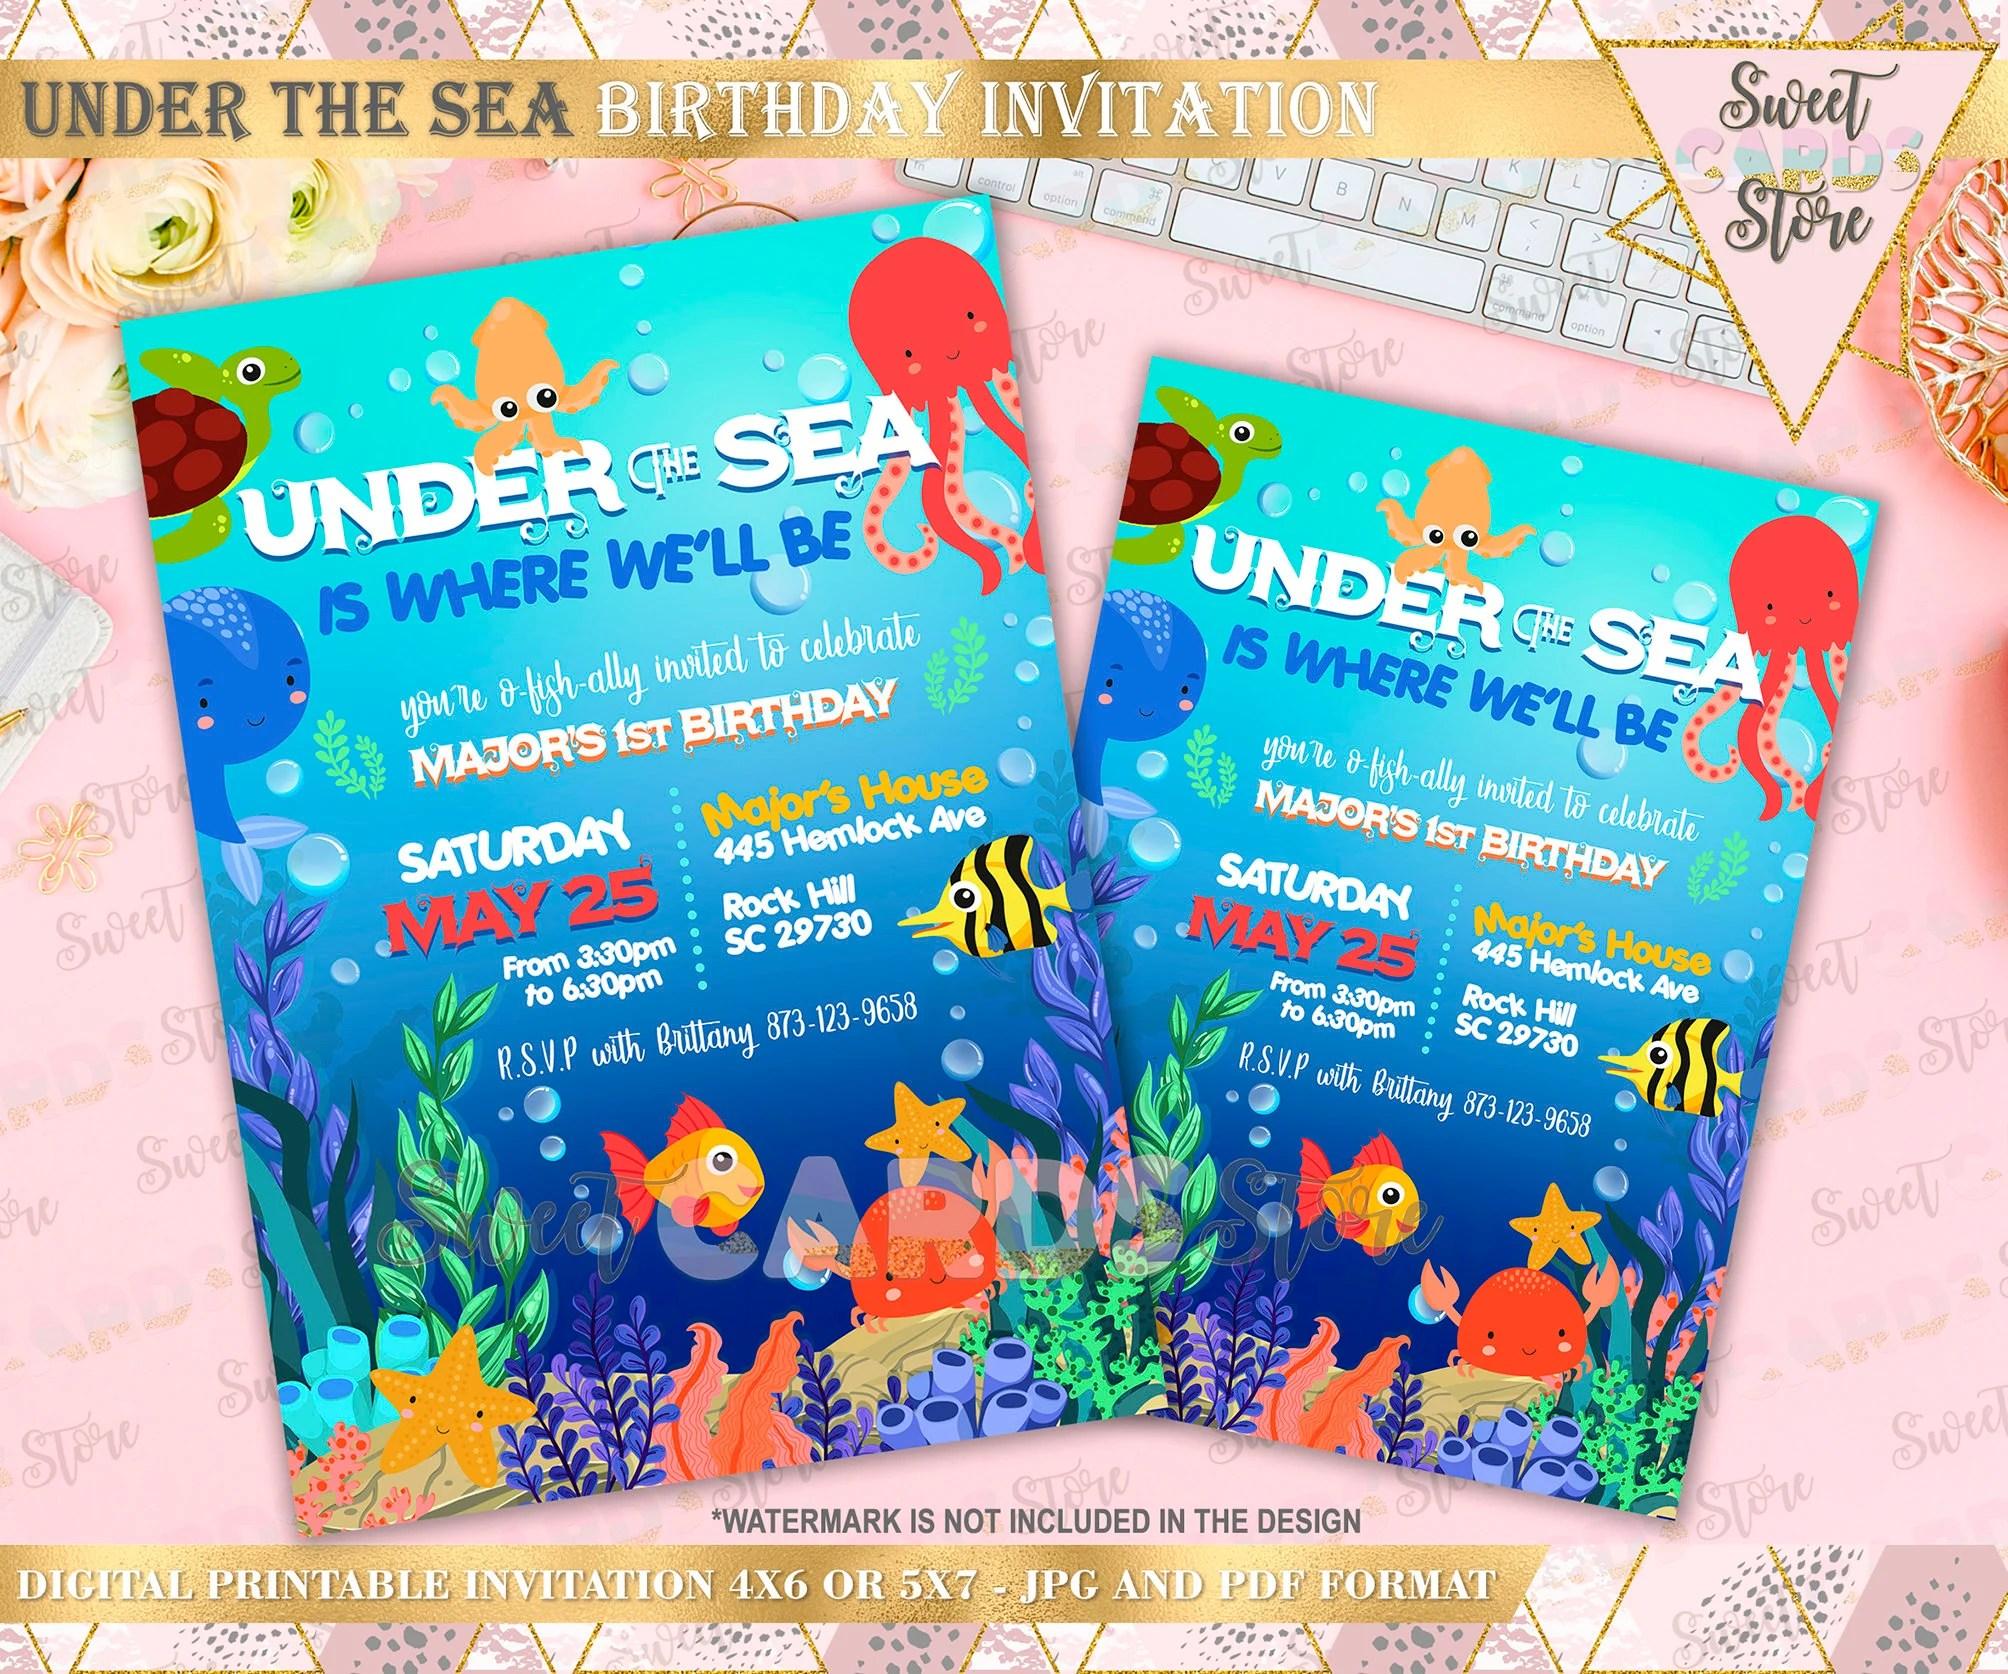 under the sea cute invitation under the sea party under sea boy birthday invitation under sea underwater invitation under the sea invite